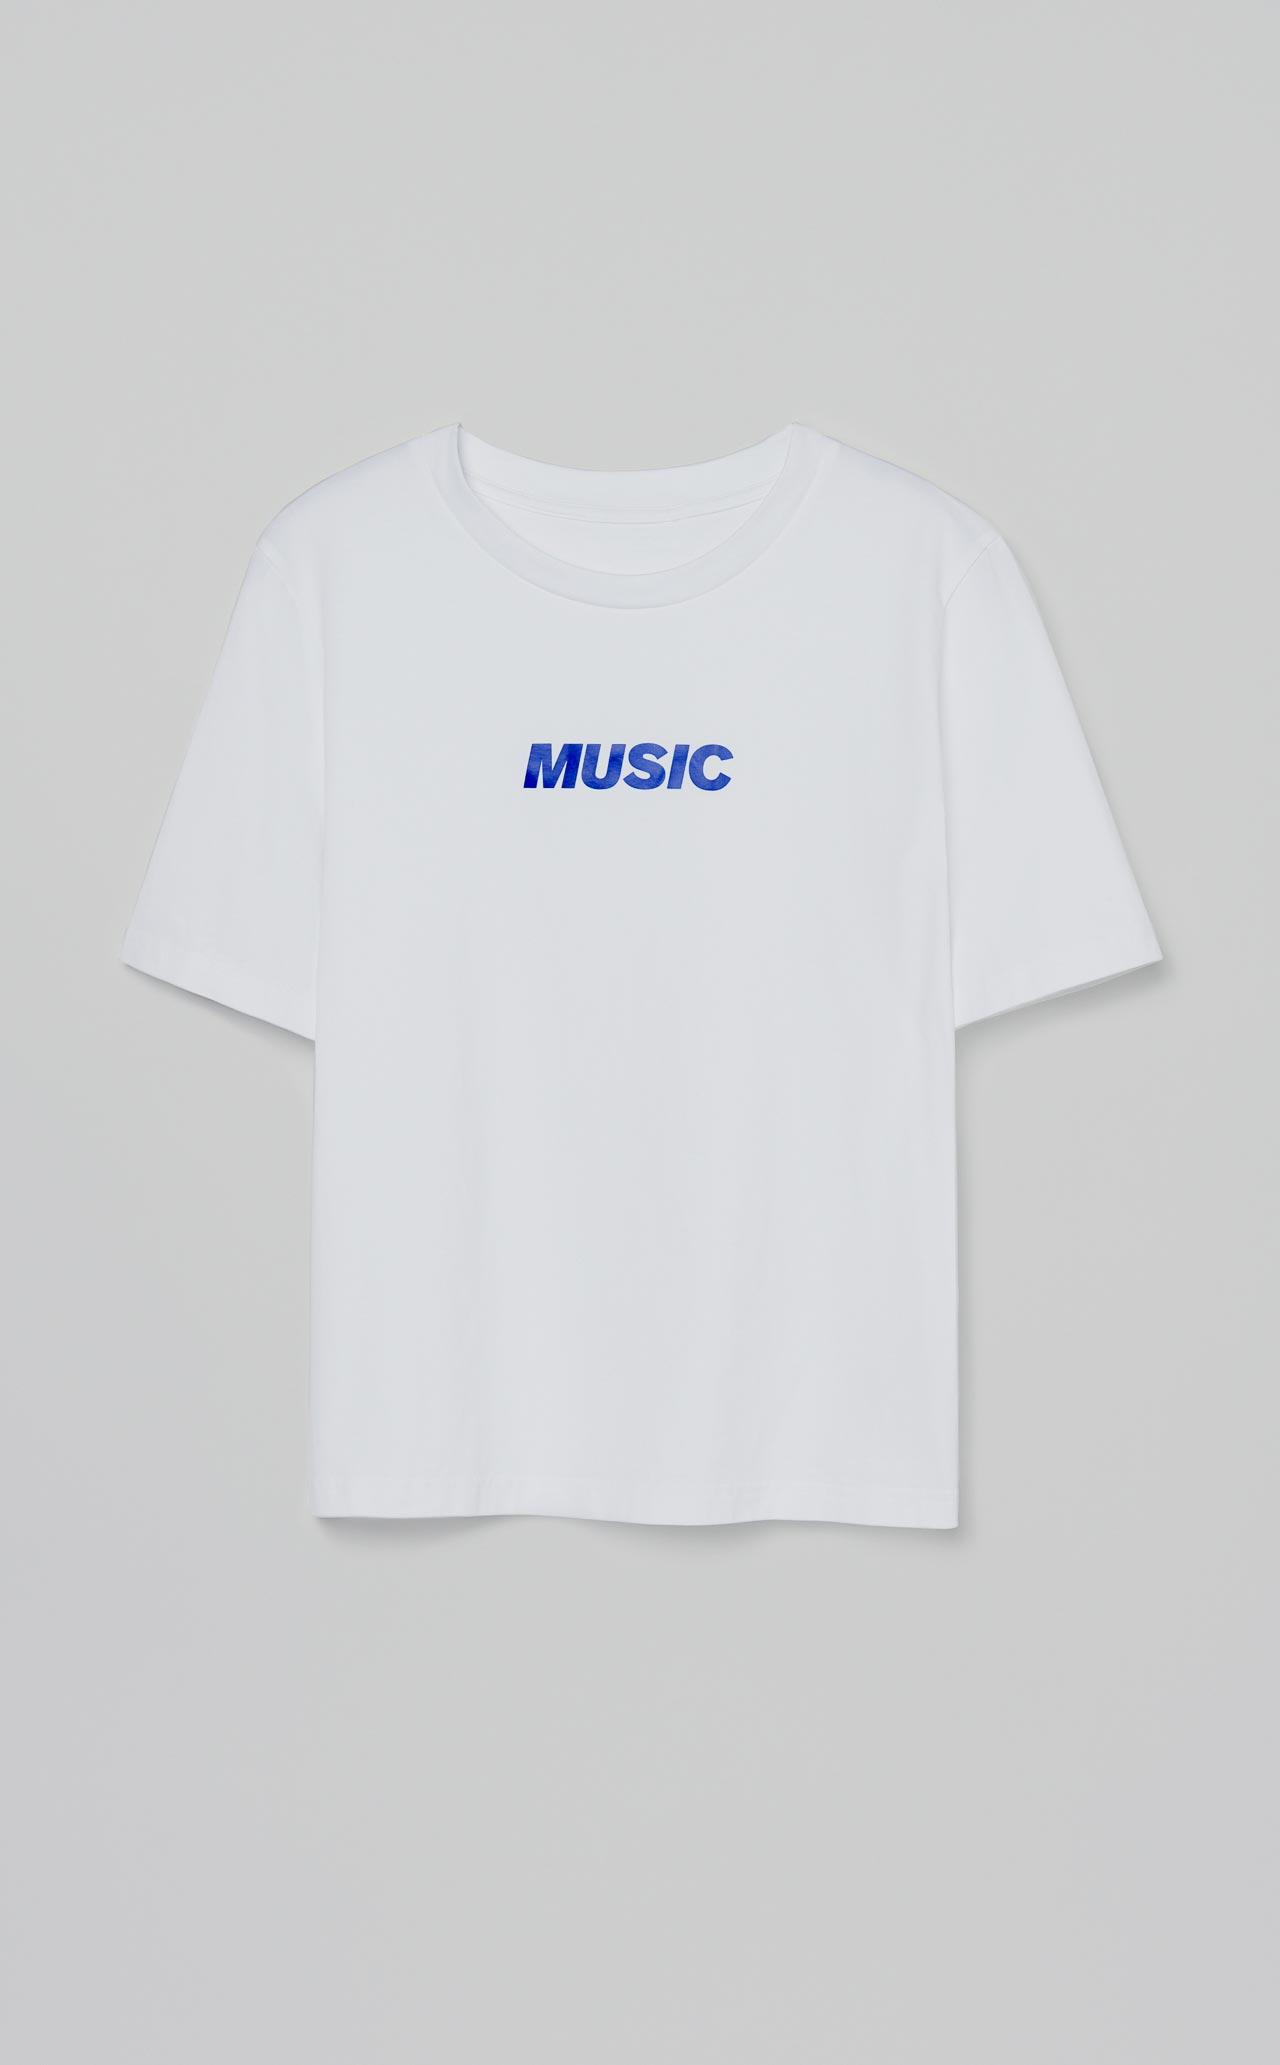 Camiseta Mus